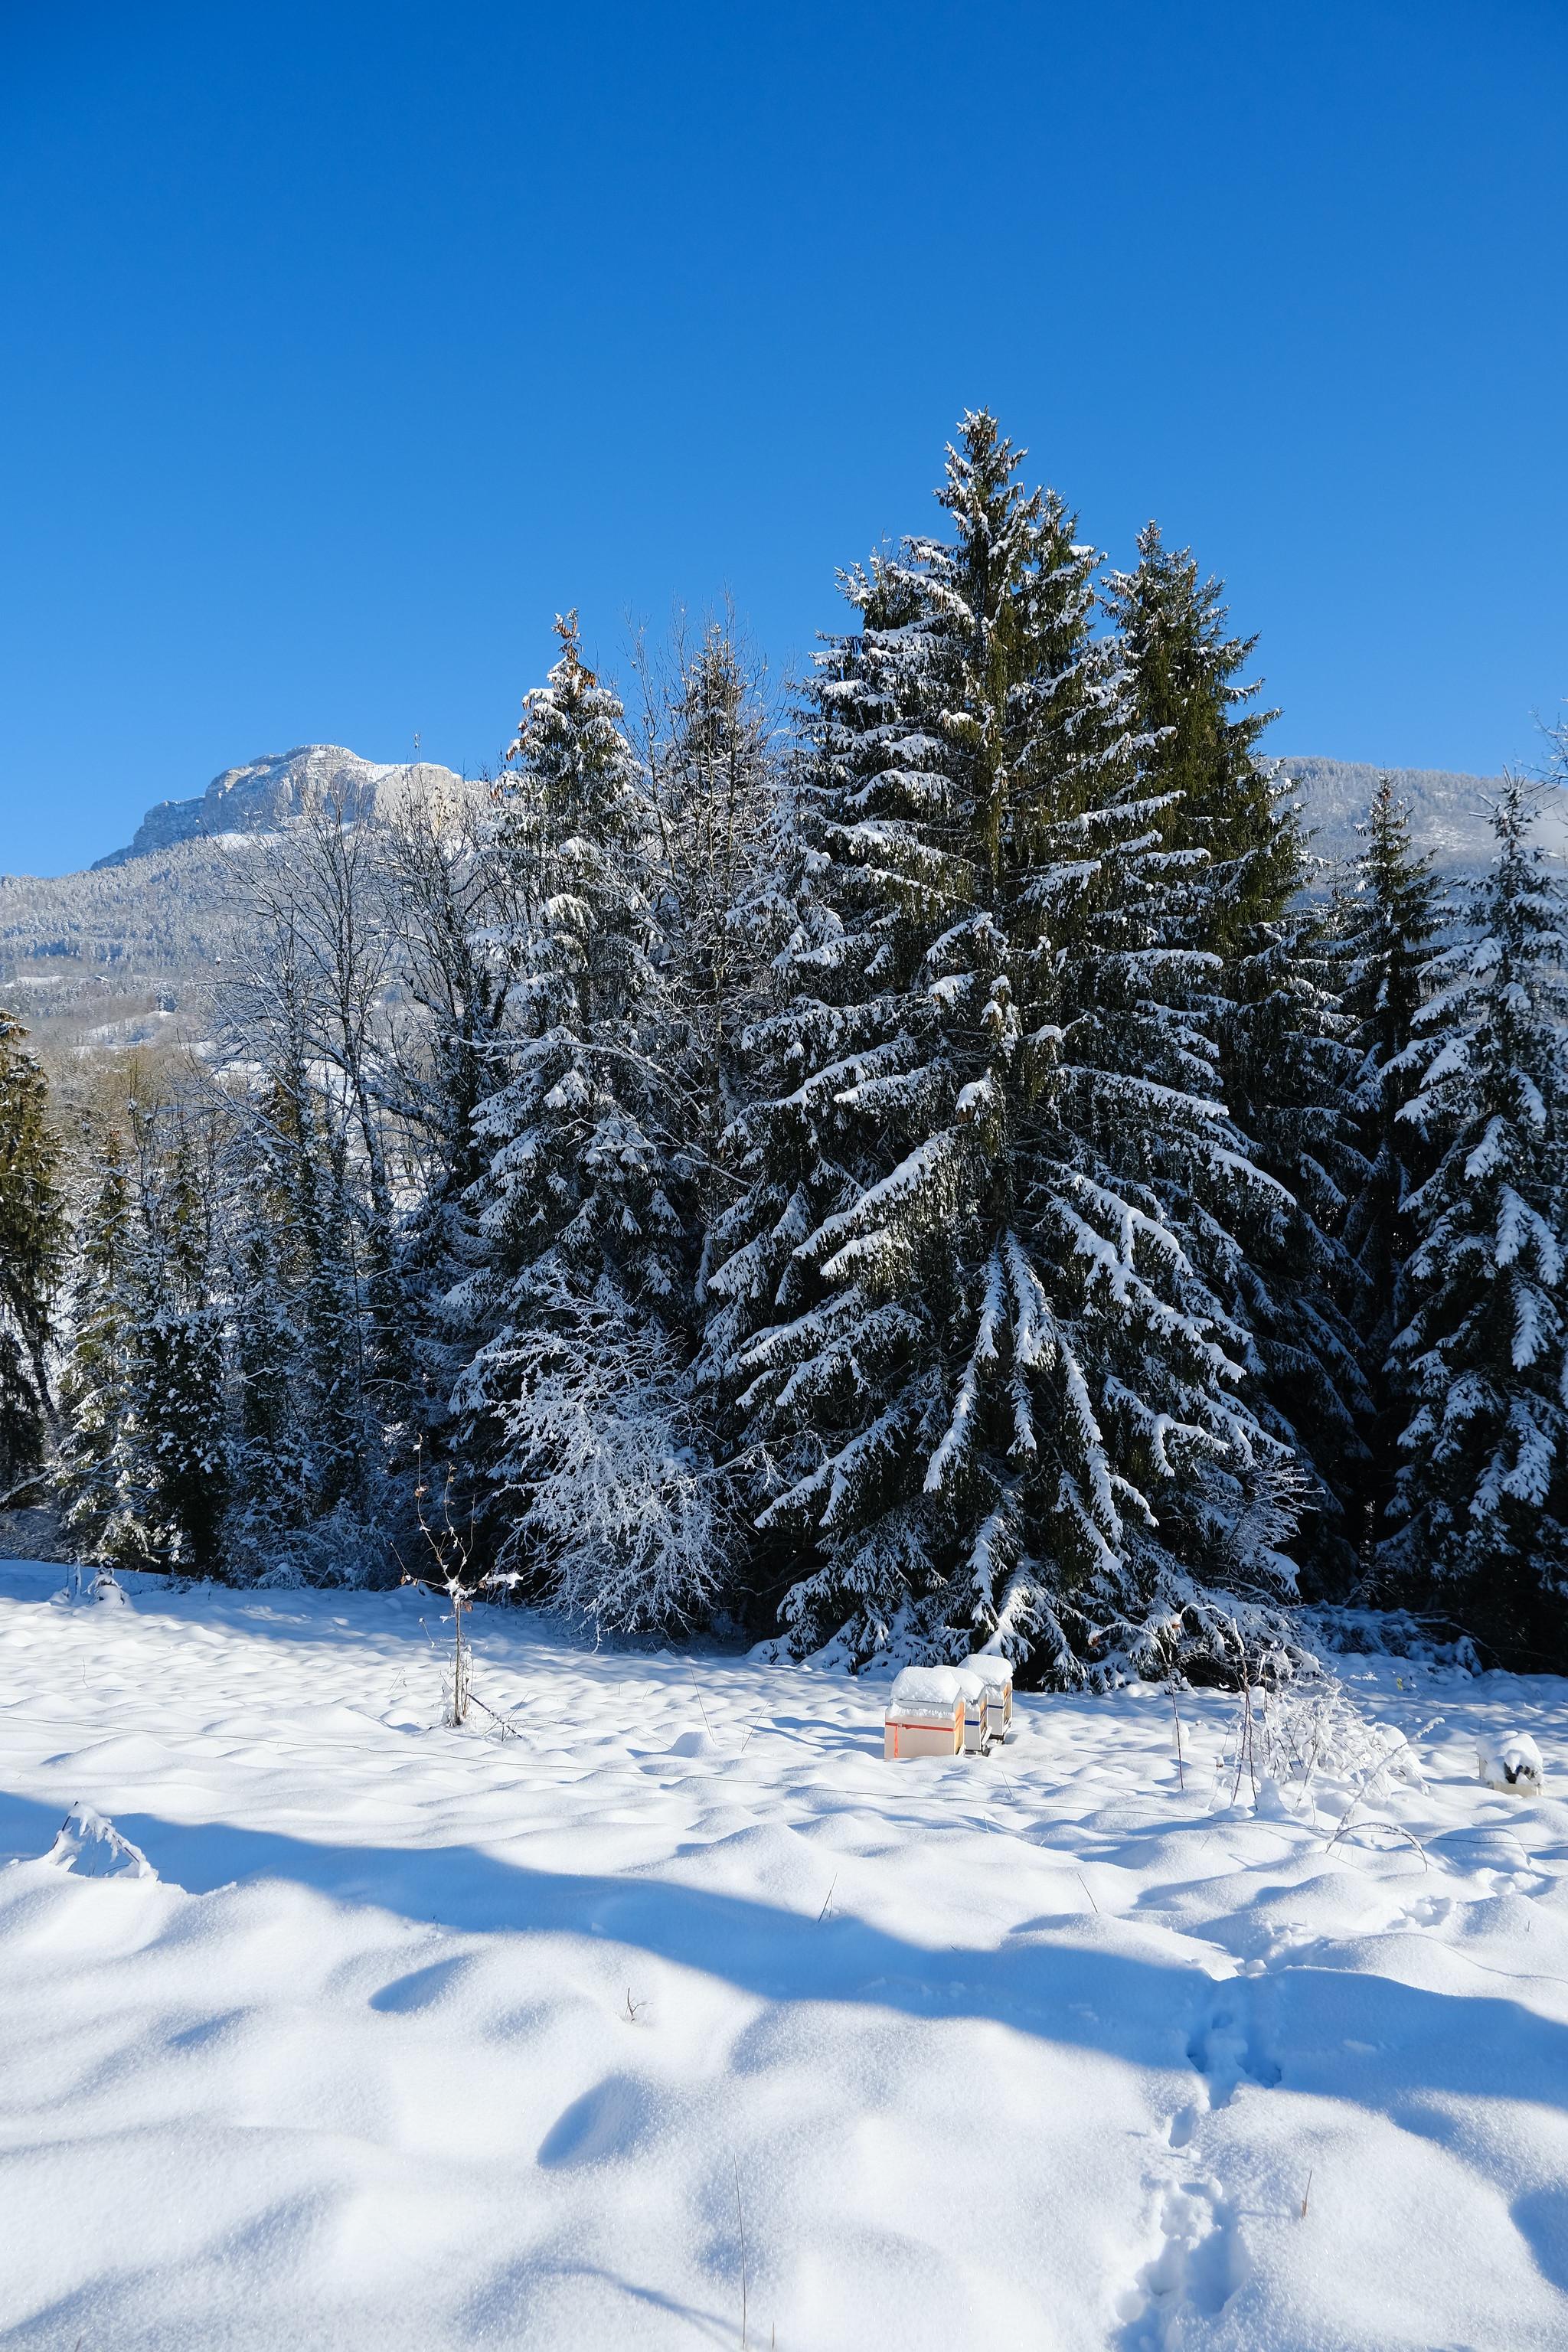 114049 скачать обои Природа, Деревья, Снег, Гора, Зима, Пейзаж, Елки - заставки и картинки бесплатно